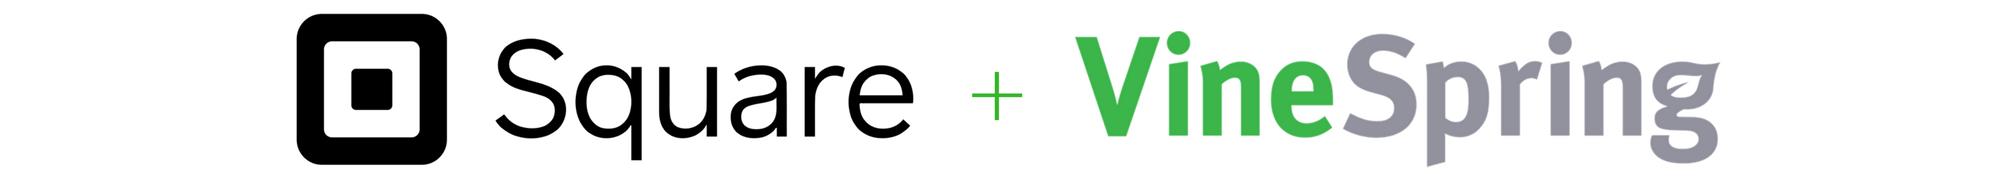 square-vinespring-logos (1).png